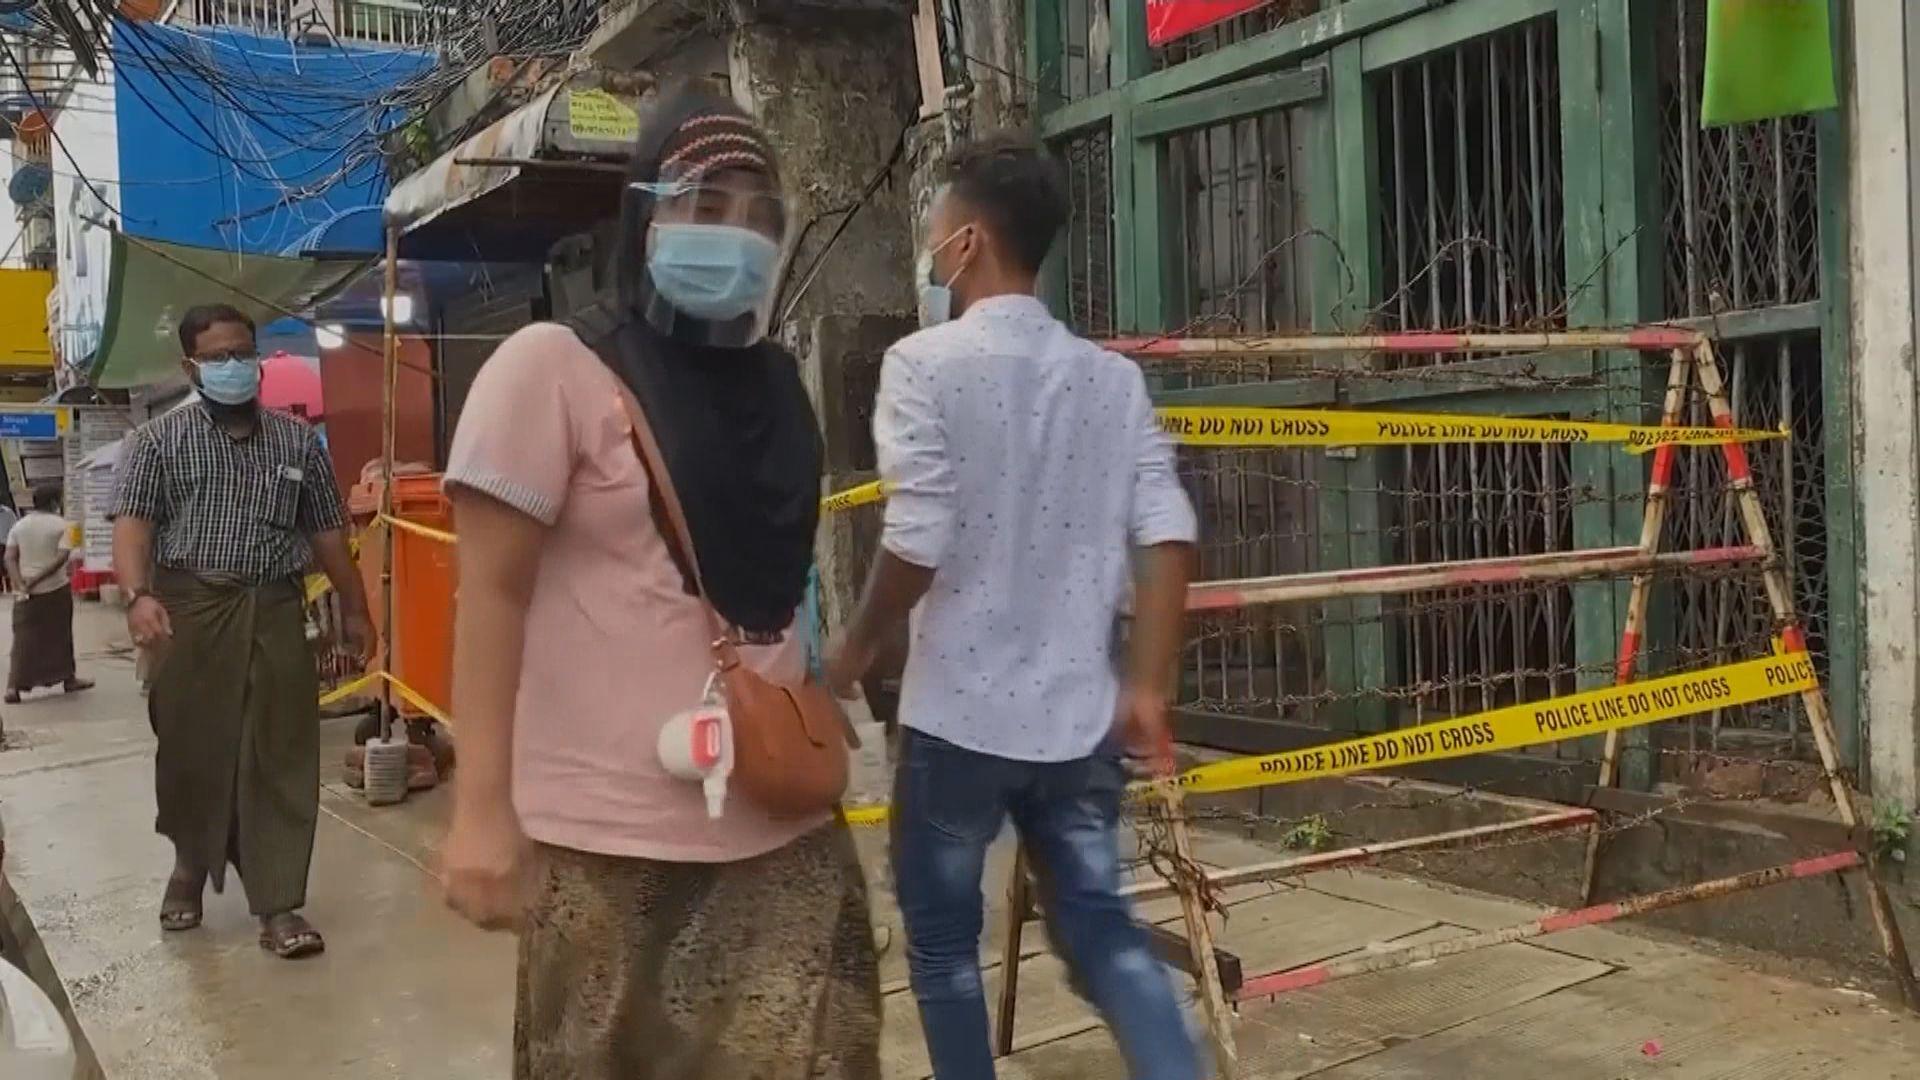 聯合國專家警告緬甸恐成超級傳播國